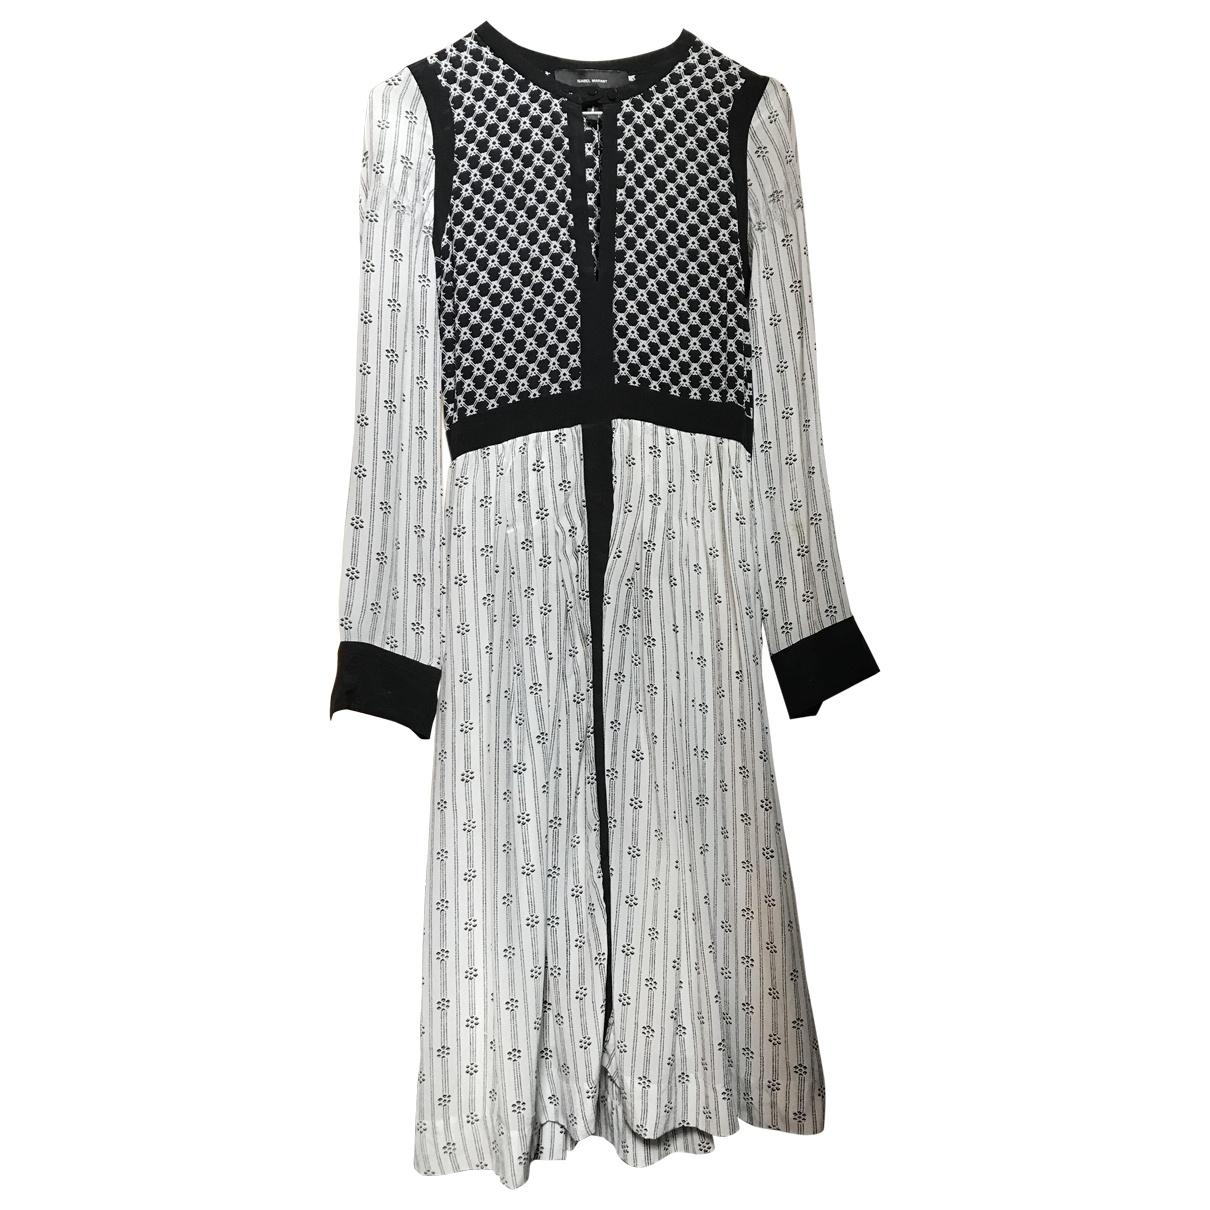 Isabel Marant \N White / Black Silk dress for Women 34 FR